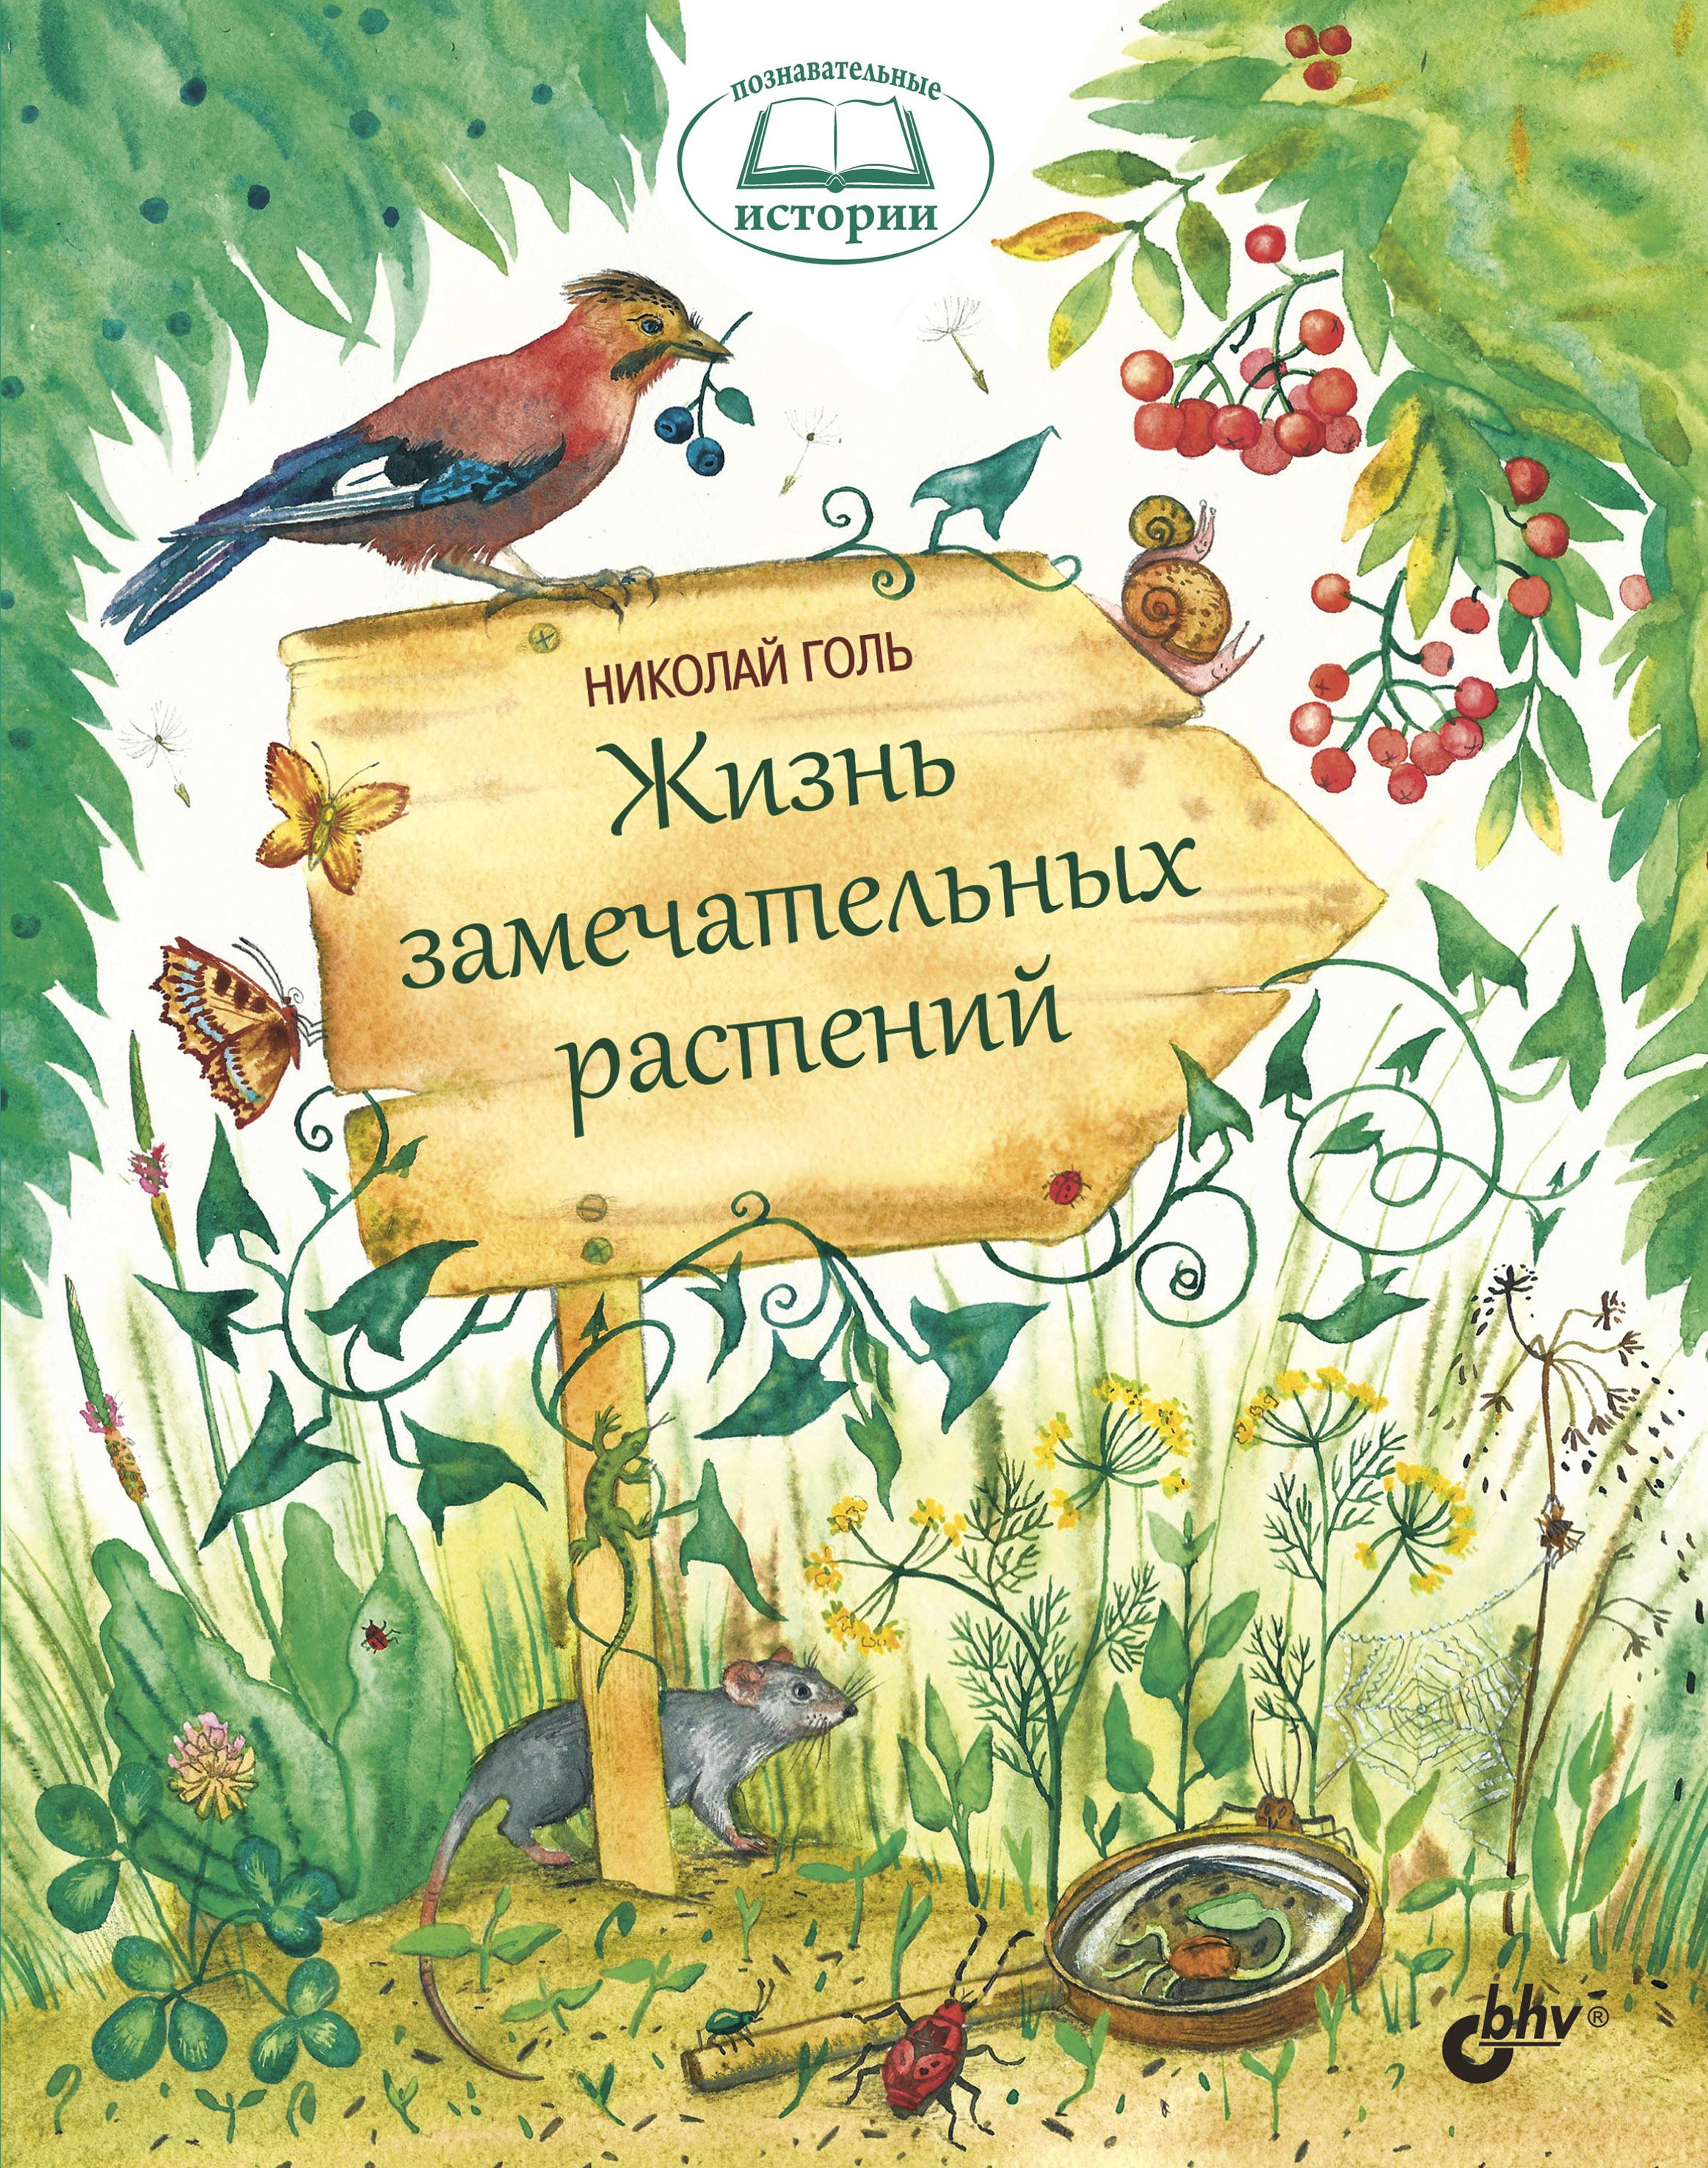 Николай Голь Жизнь замечательных растений голь н жизнь замечательных растений isbn 9785977536967